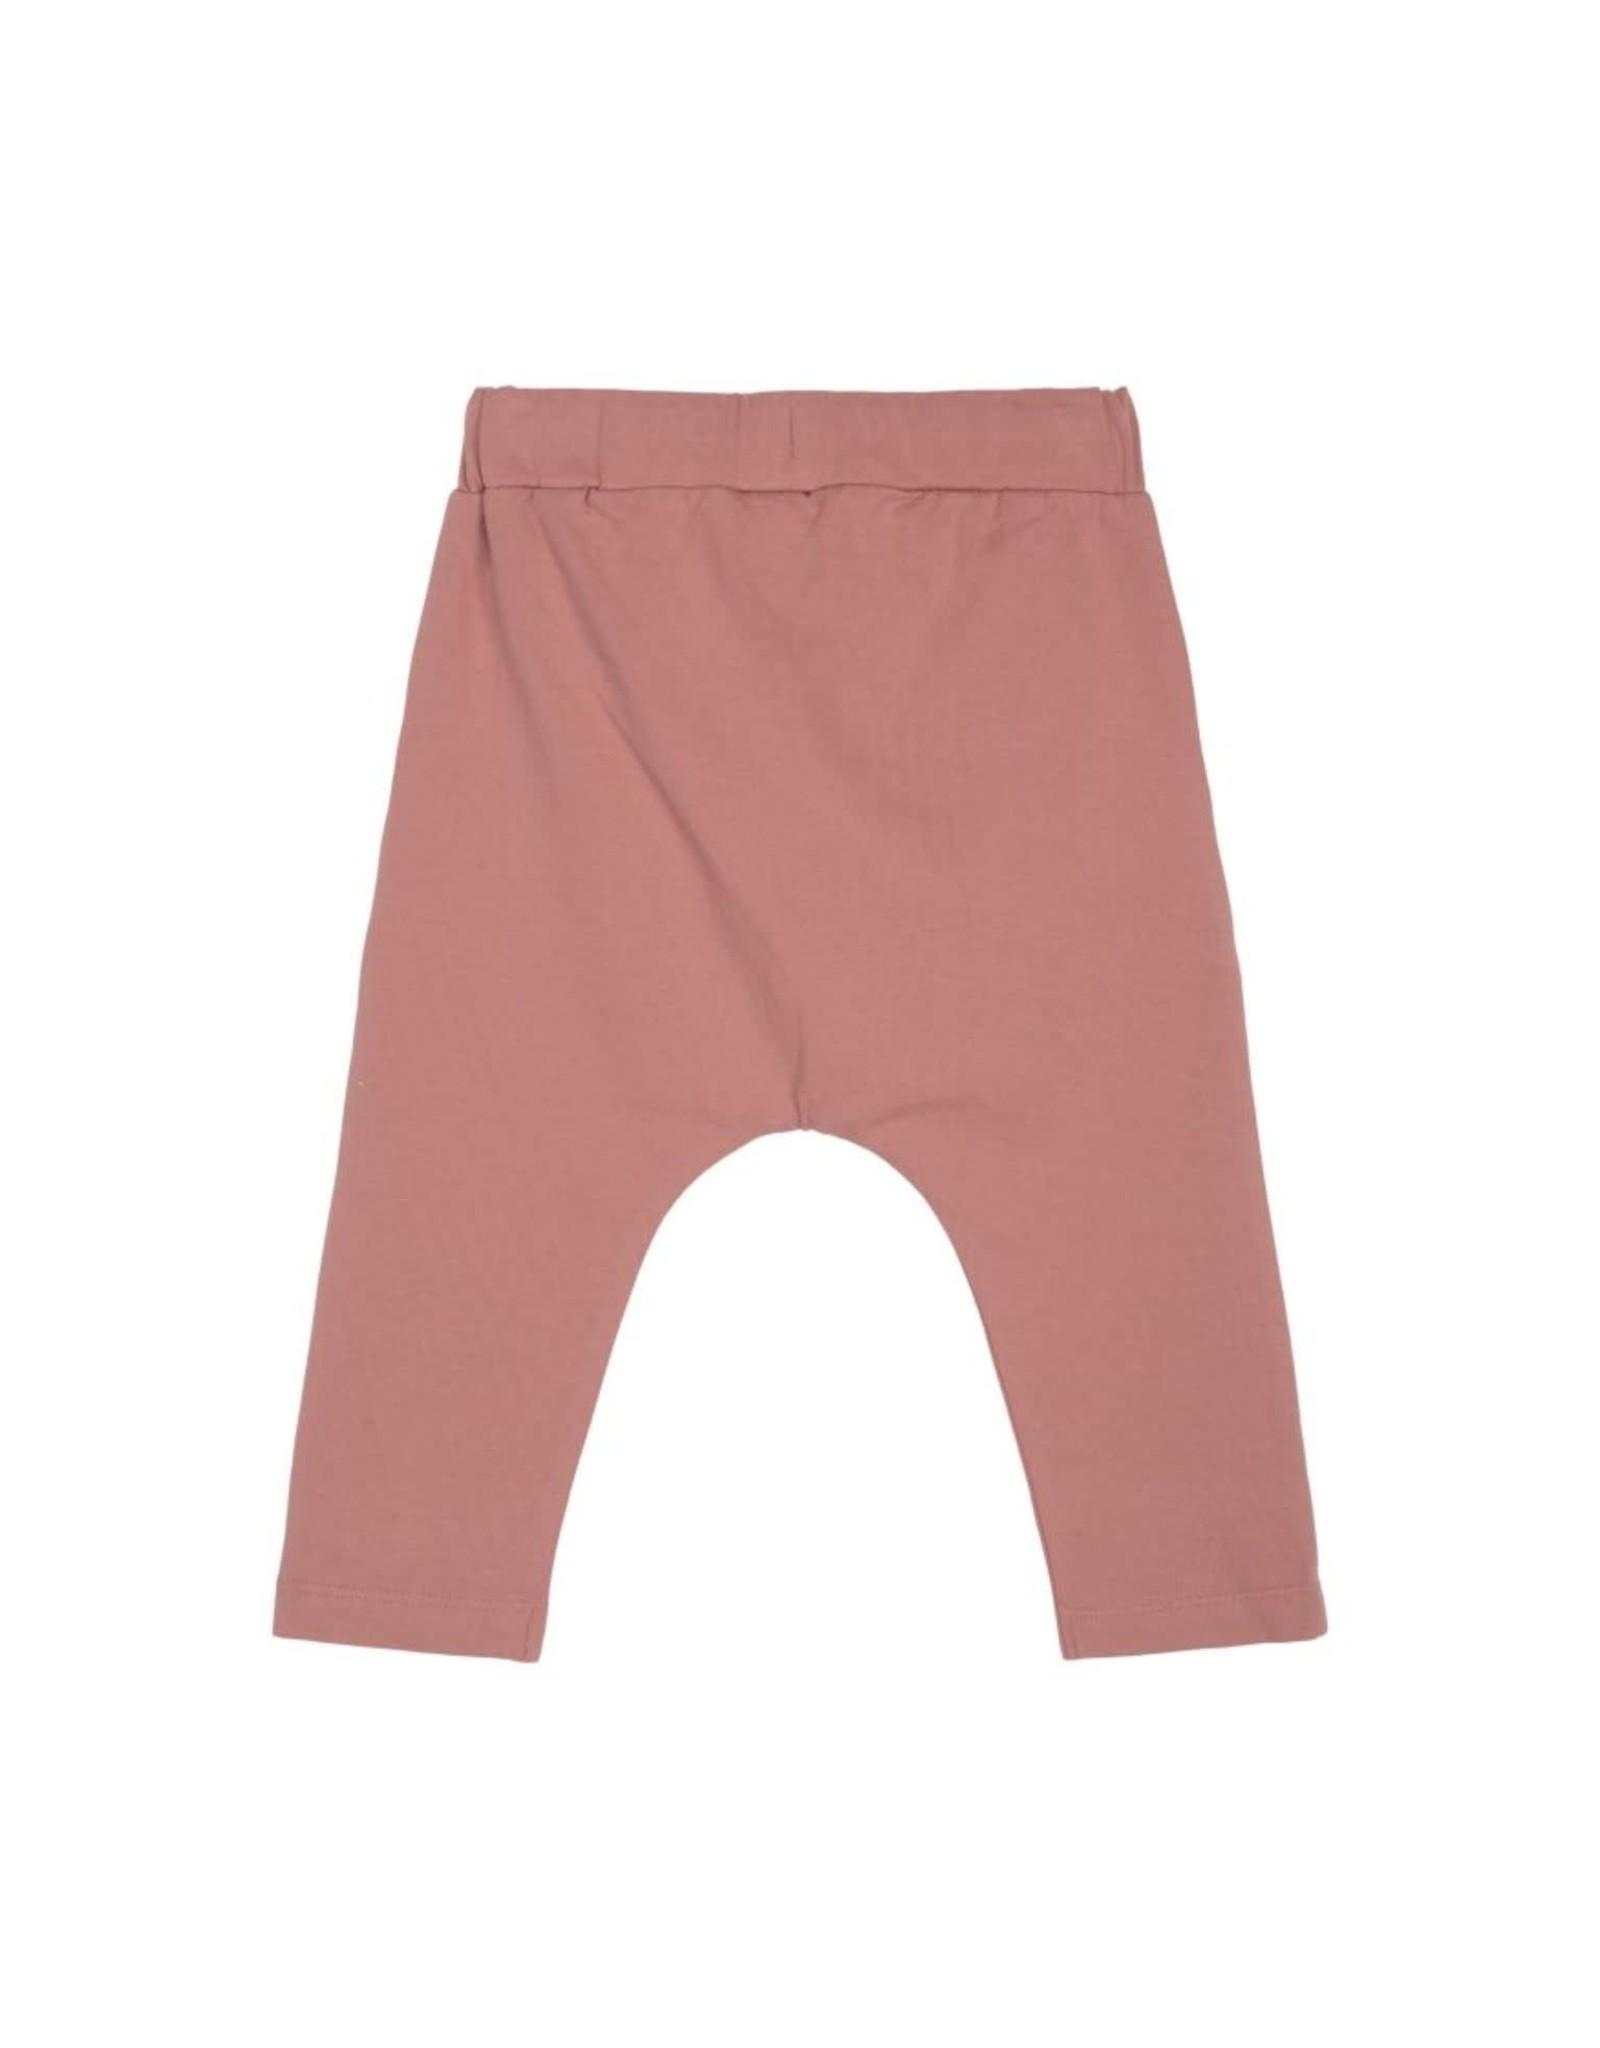 Petit by Sofie Schnoor broek roze